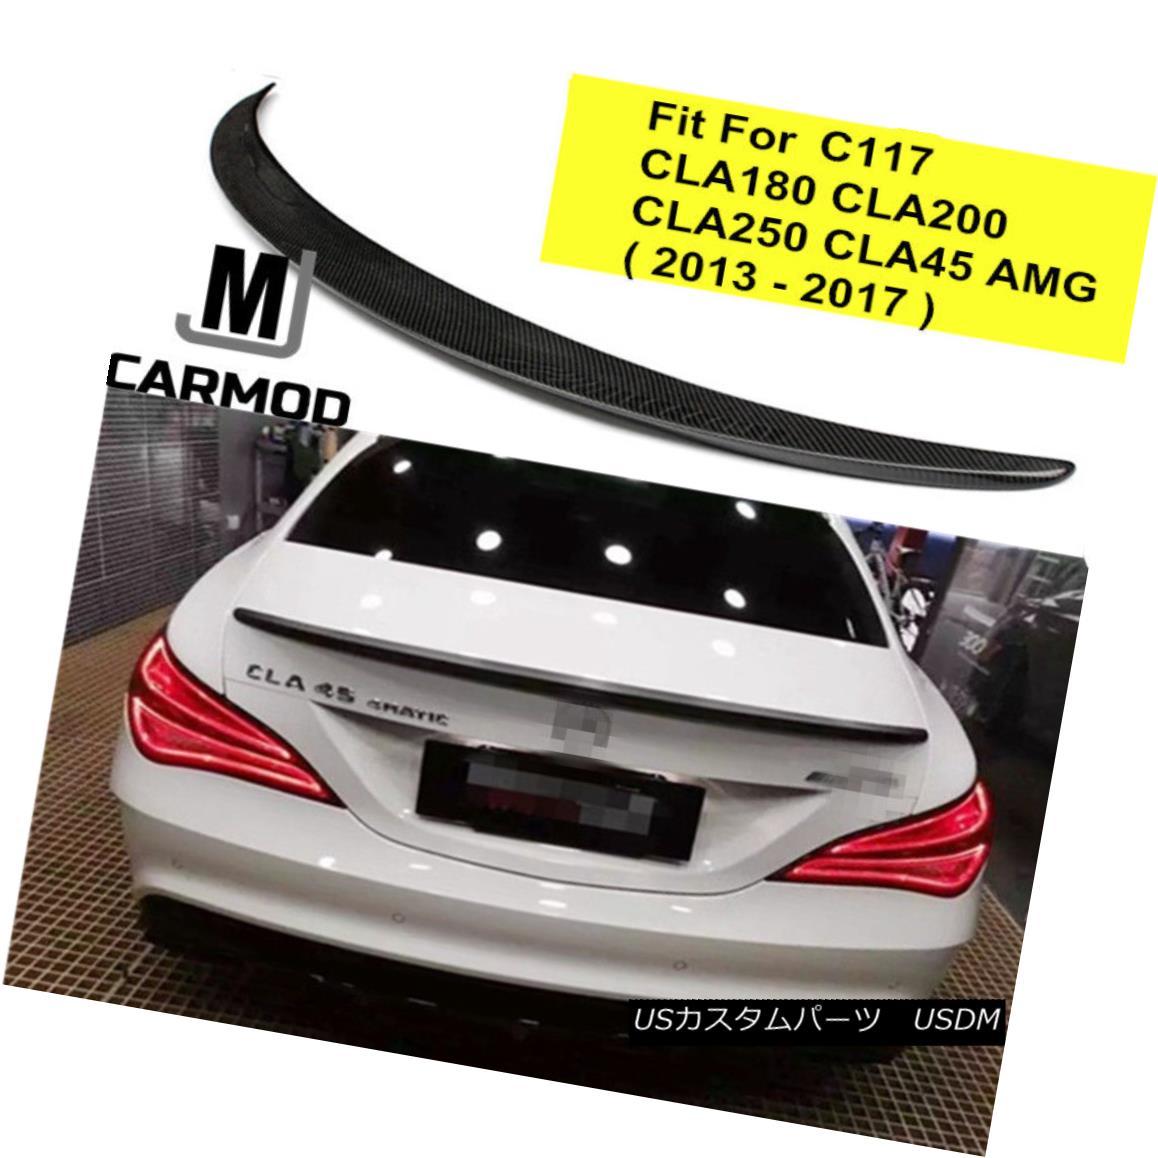 エアロパーツ Fit For Mercedes Benz C117 CLA200 CLA250 CLA45 AMG 2014-17 Carbon Fiber Spoiler メルセデスベンツC117 CLA200 CLA250 CLA45 AMG 2014-17カーボンファイバースポイラー